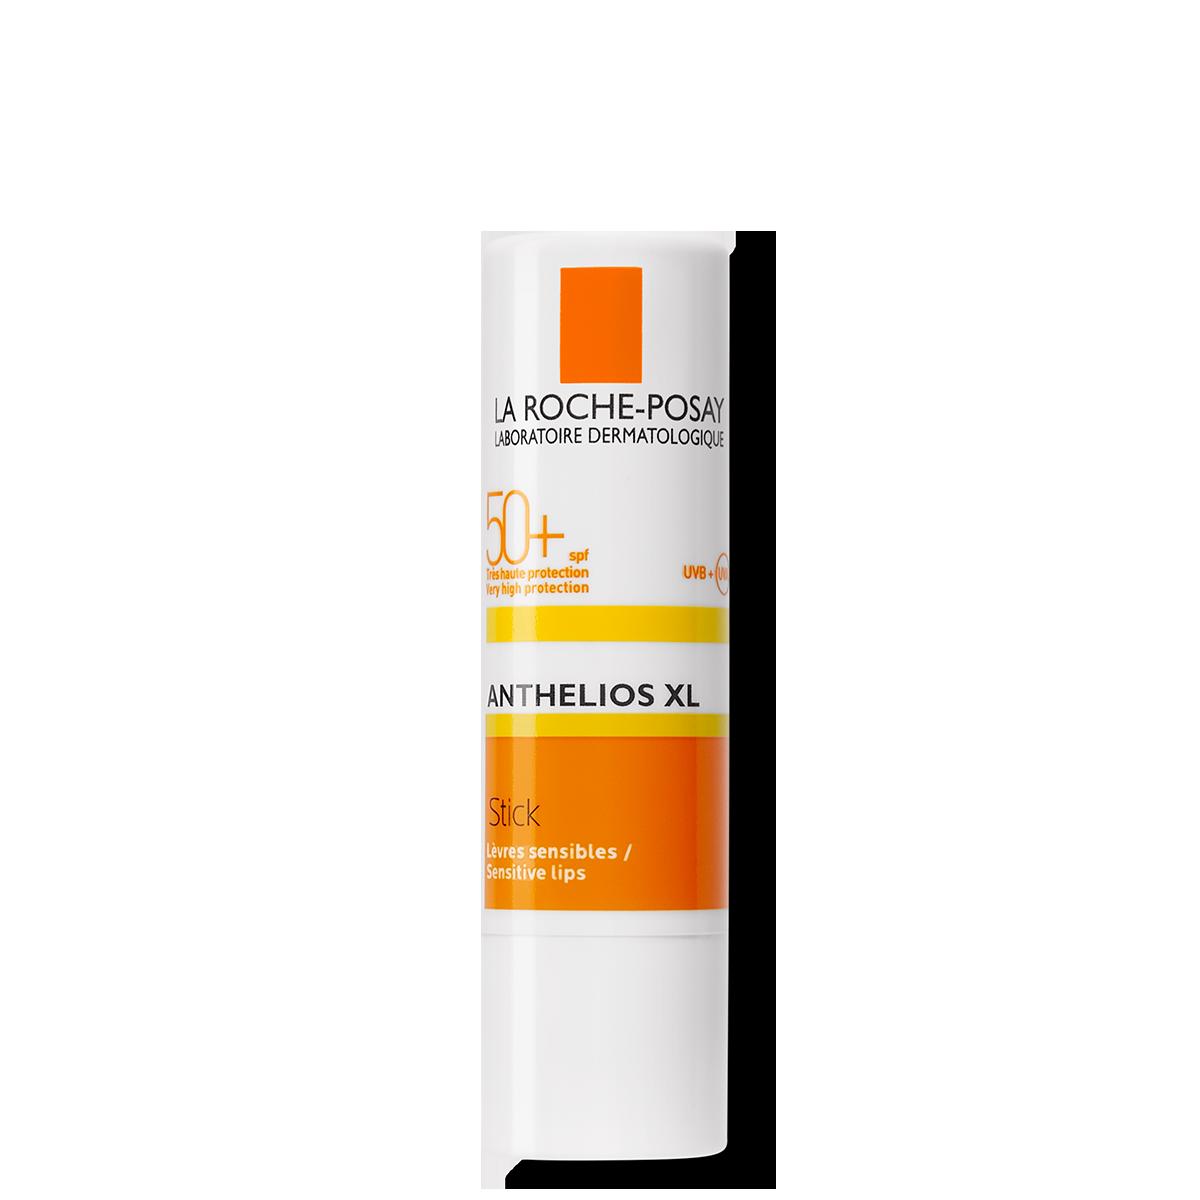 La Roche Posay ProduktSide Sol Anthelios XL Lips Stick Spf50 Sensitive